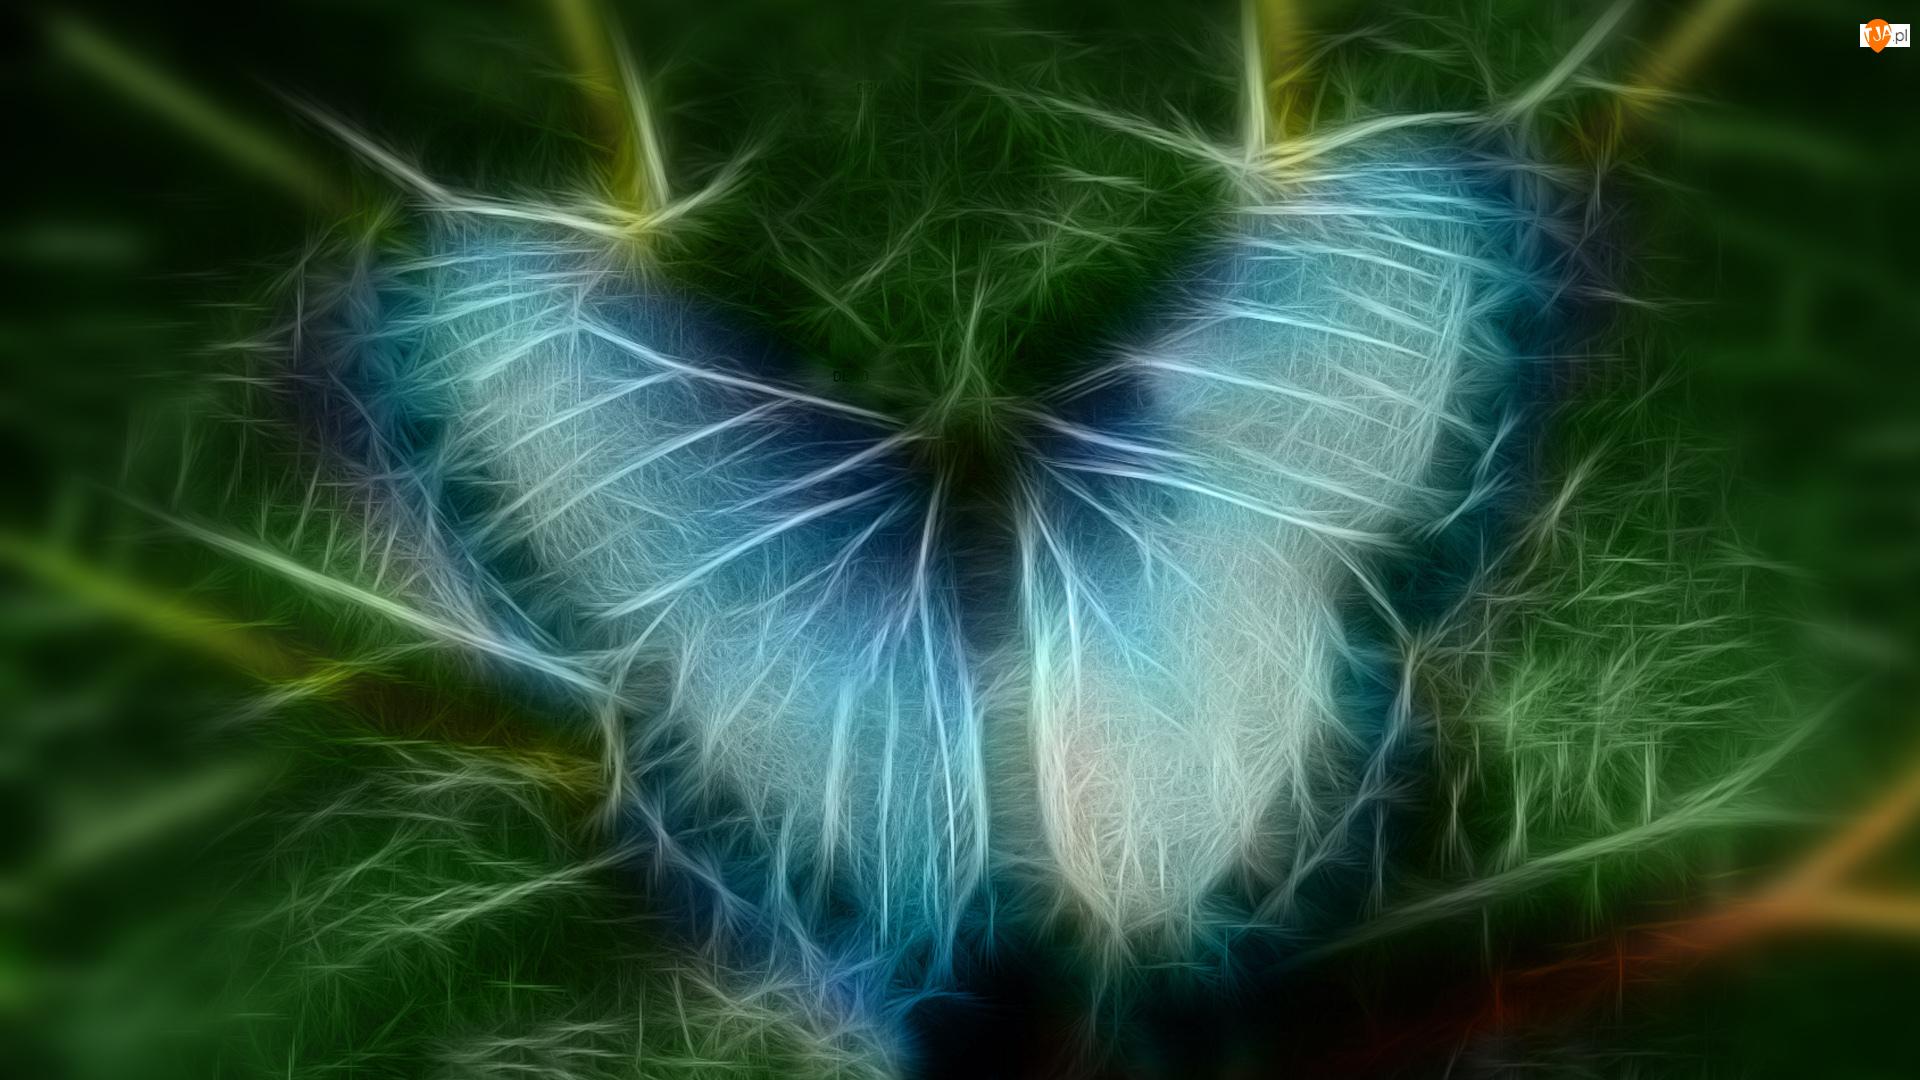 Fractalius, Niebieski, Motyl